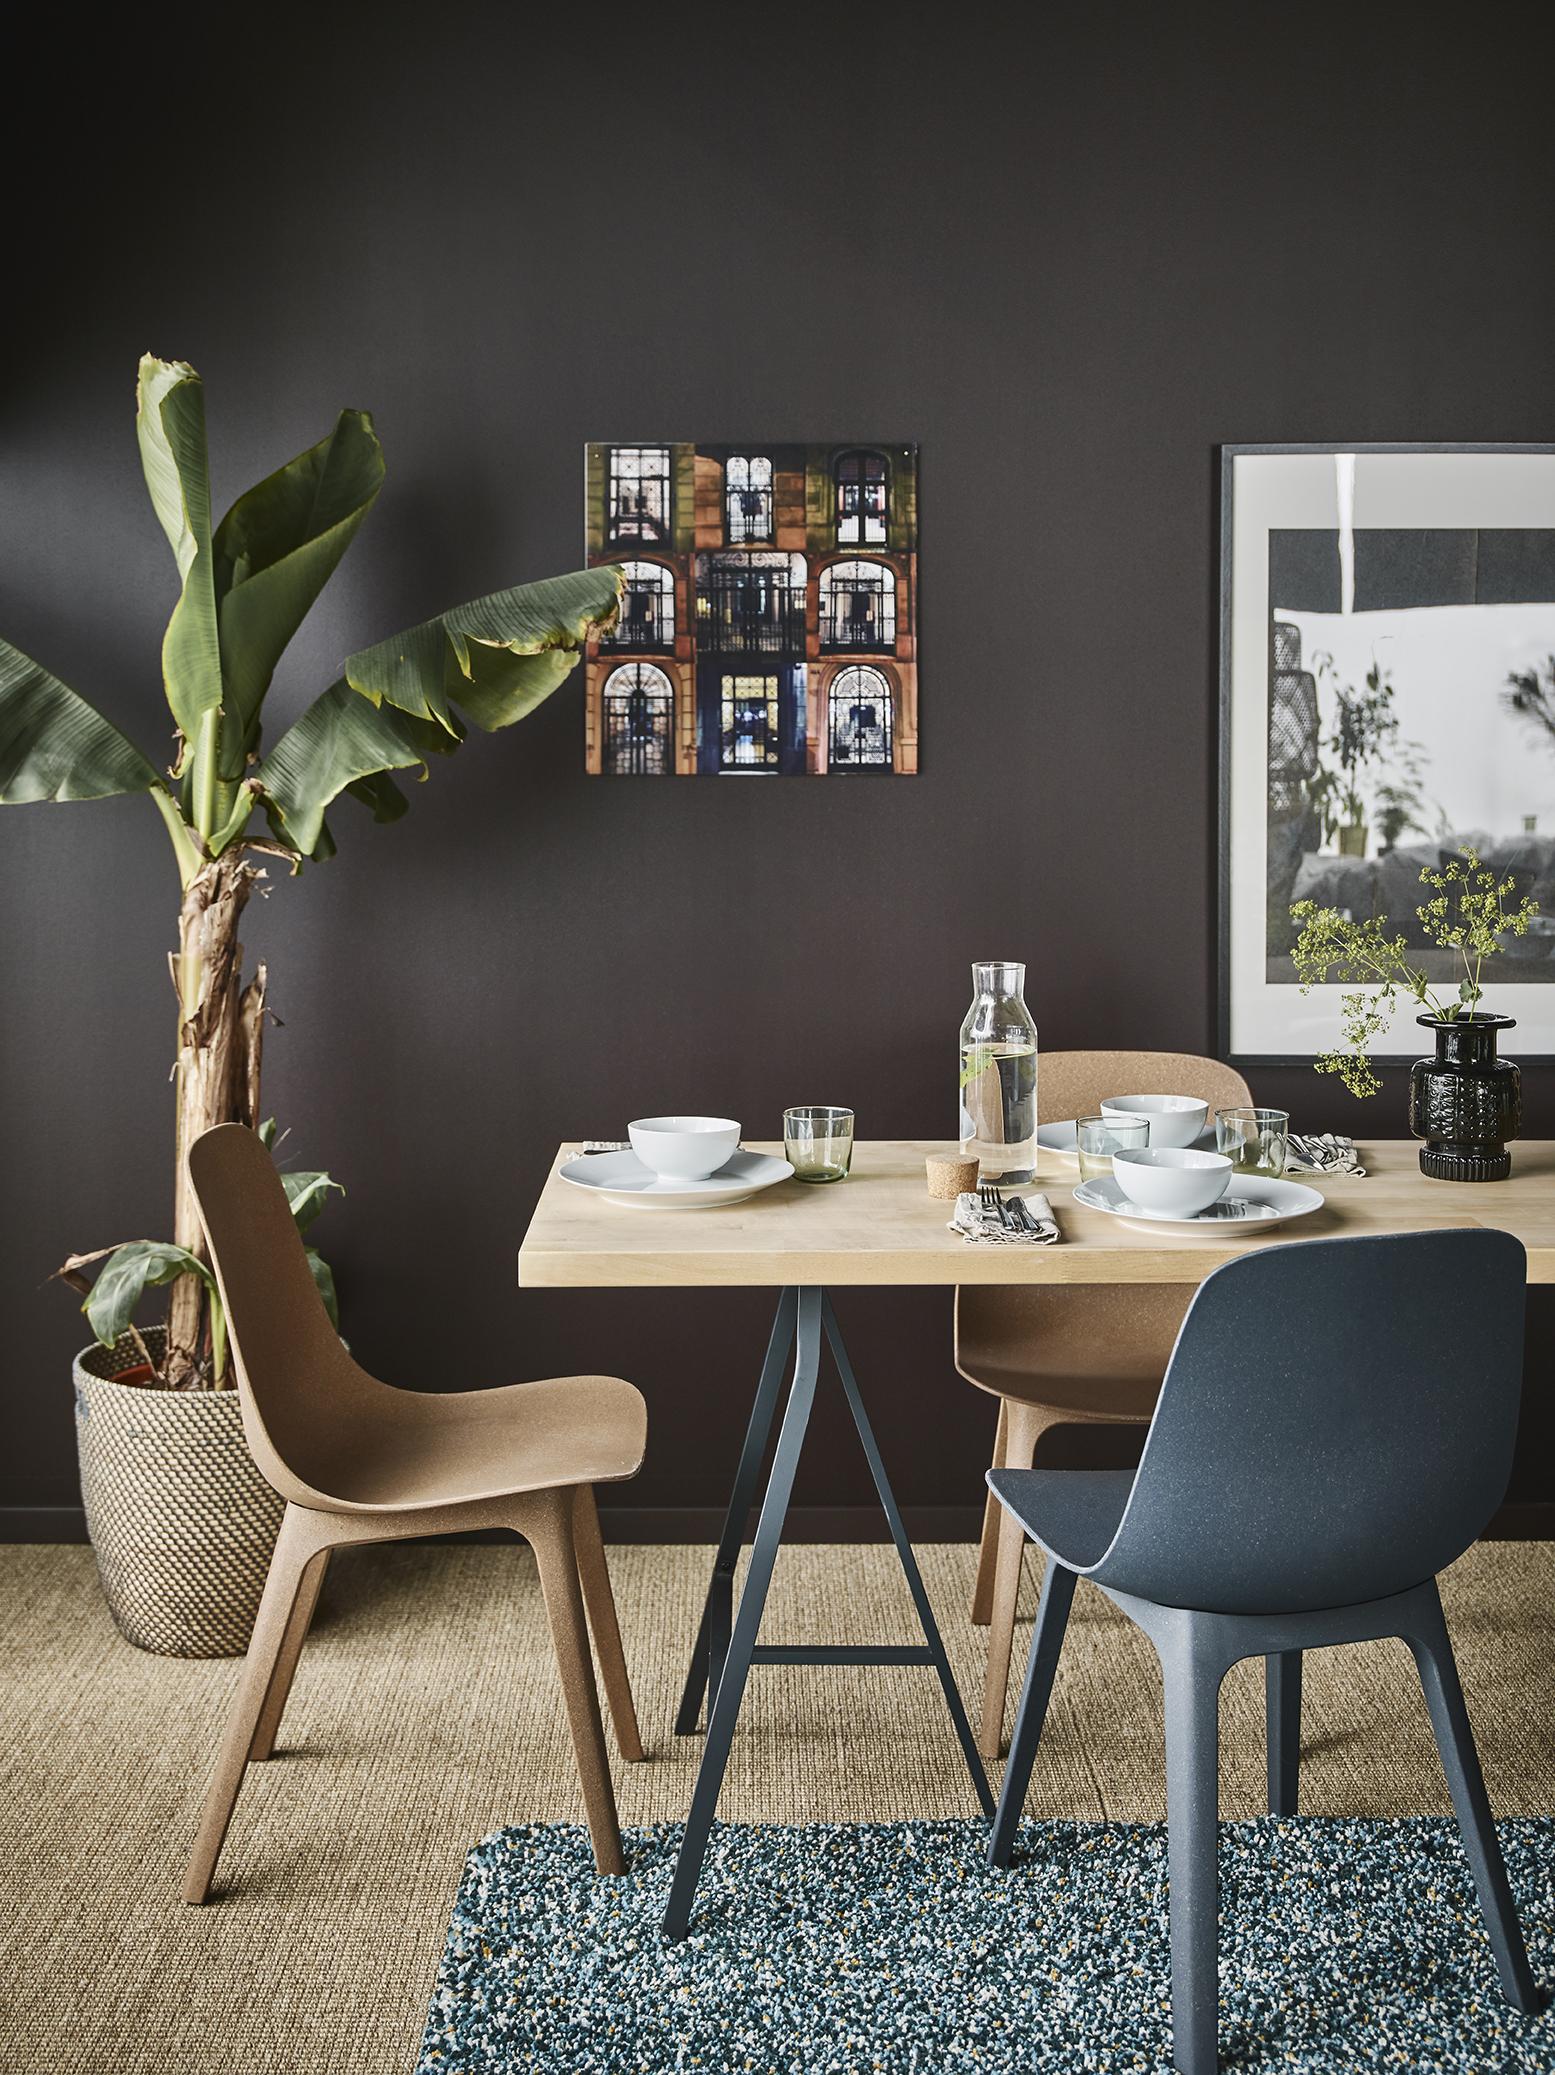 Ensimmäinen Ikea-reissu ja ruokailuryhmäpohdintaa